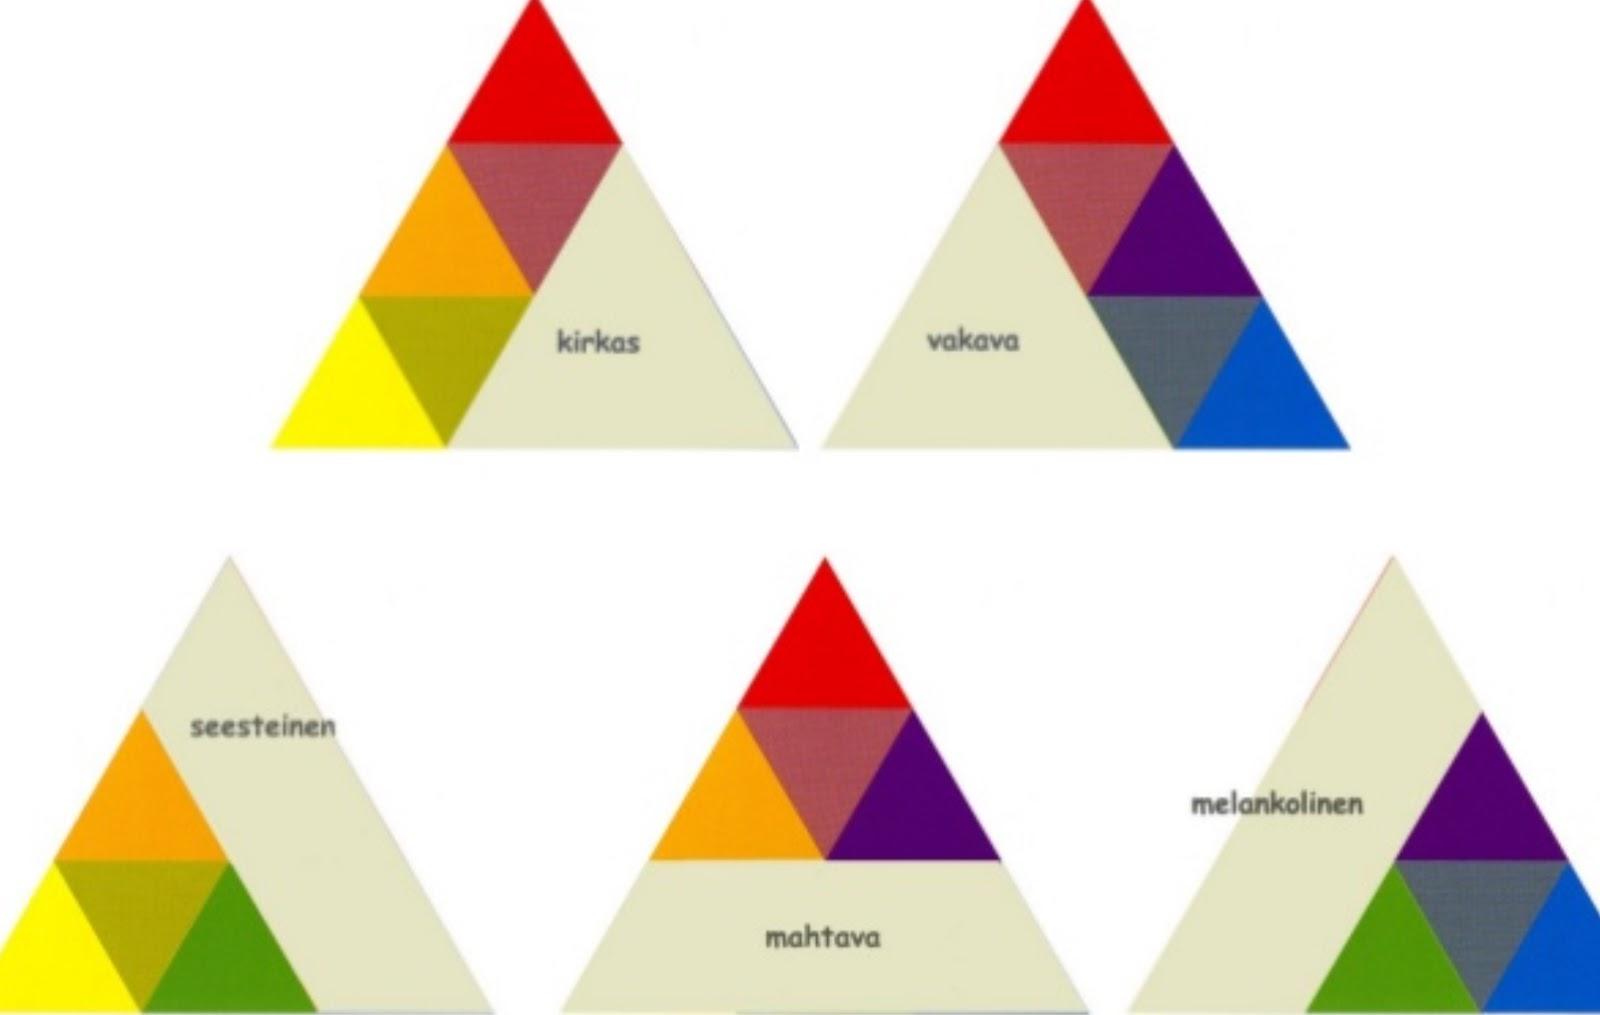 Aristoteleen kantapää: Miten ruskea muuttuu punaiseksi